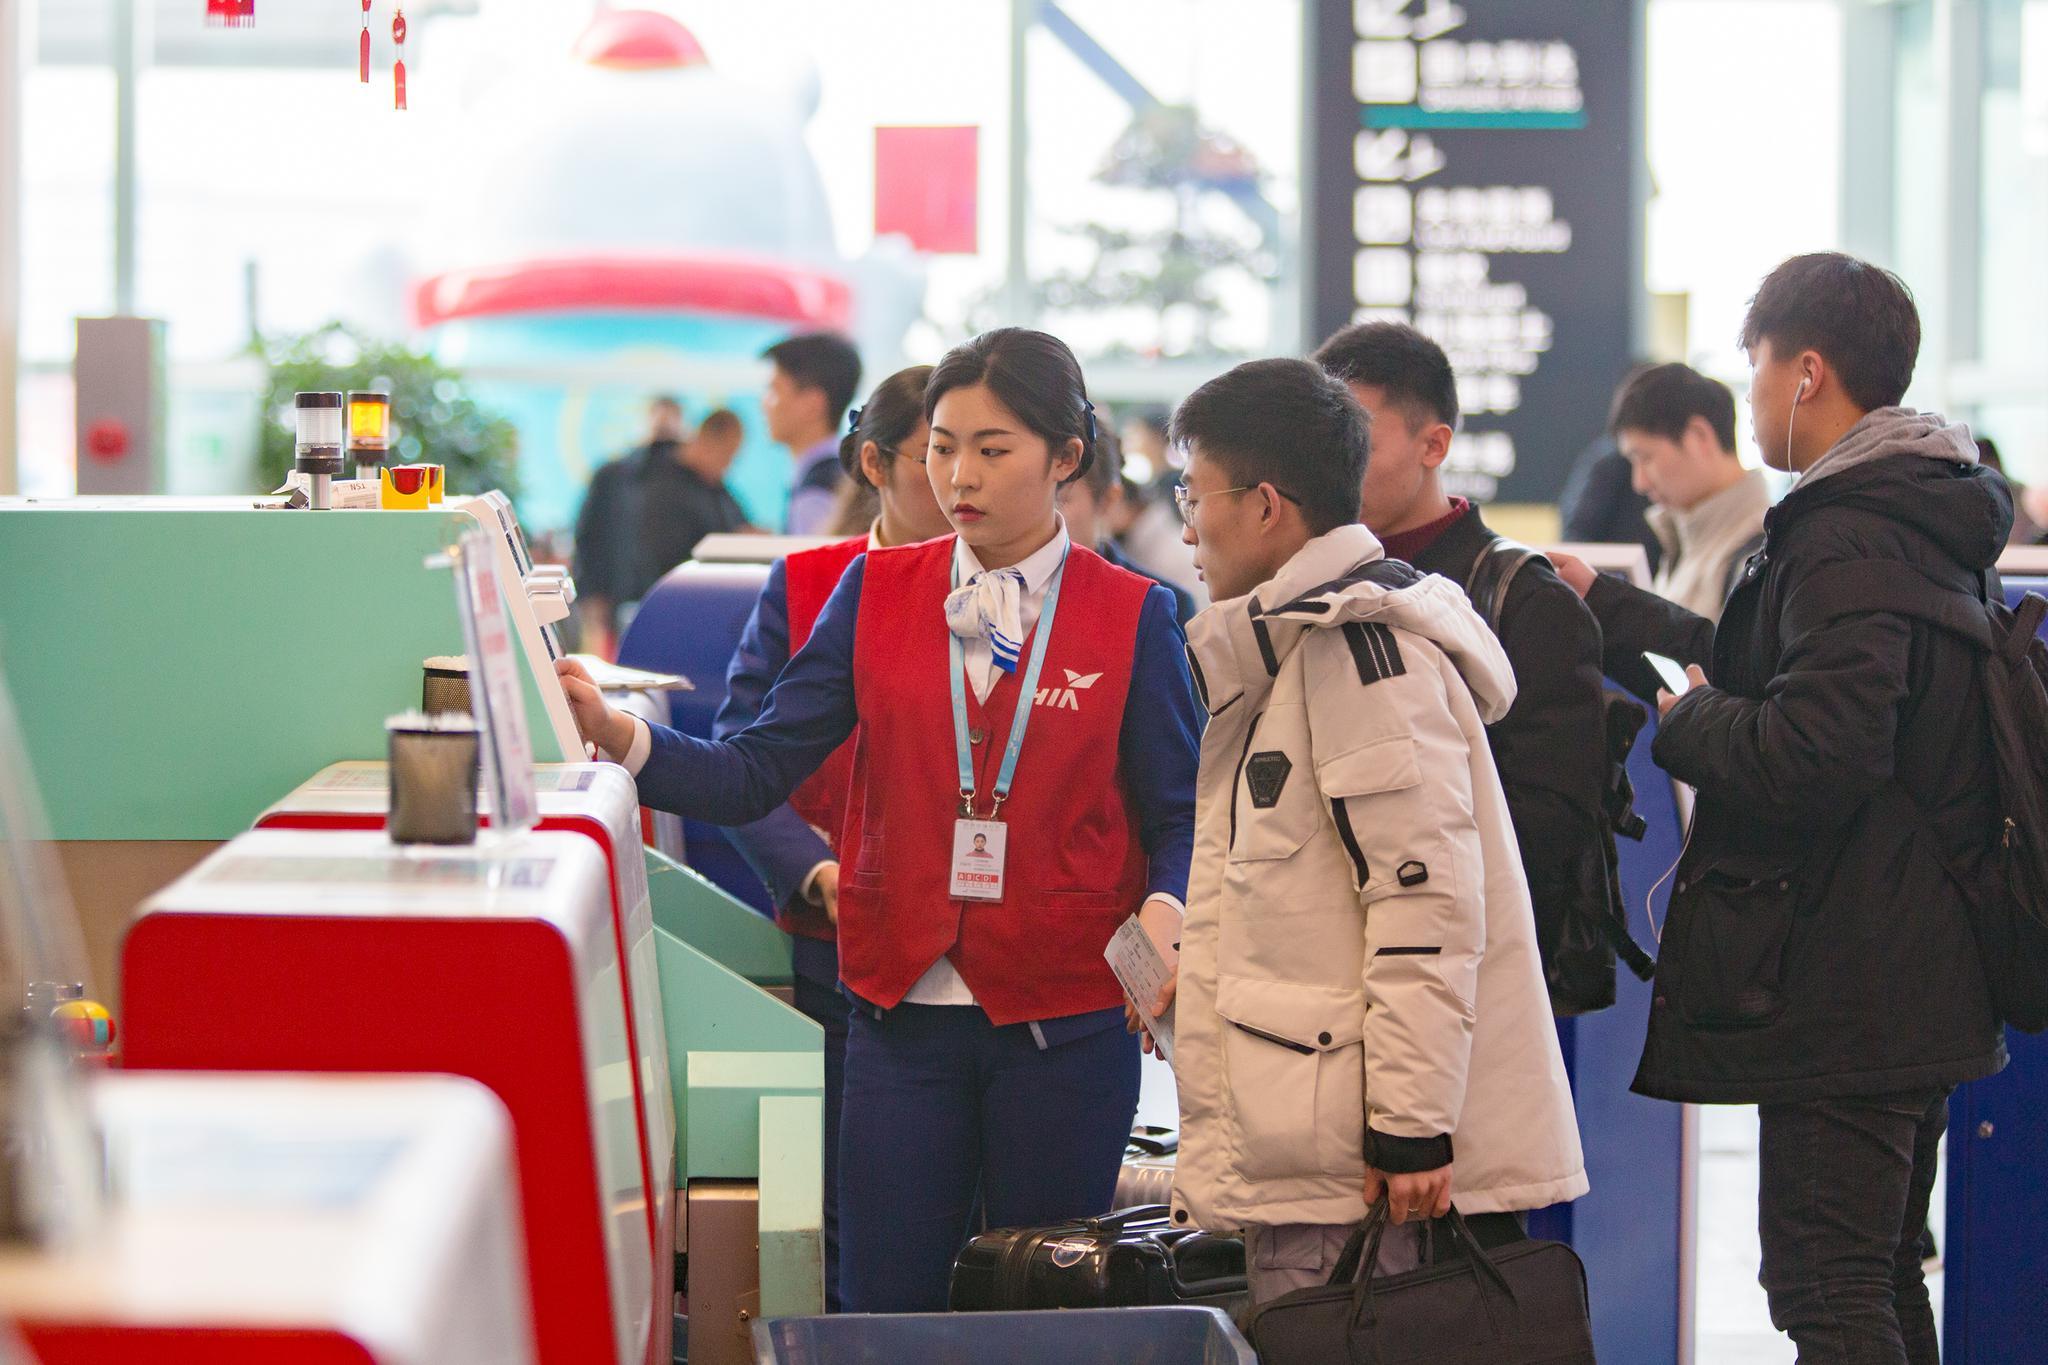 工作人员正在协助旅客办理相关手续 朱建美 摄